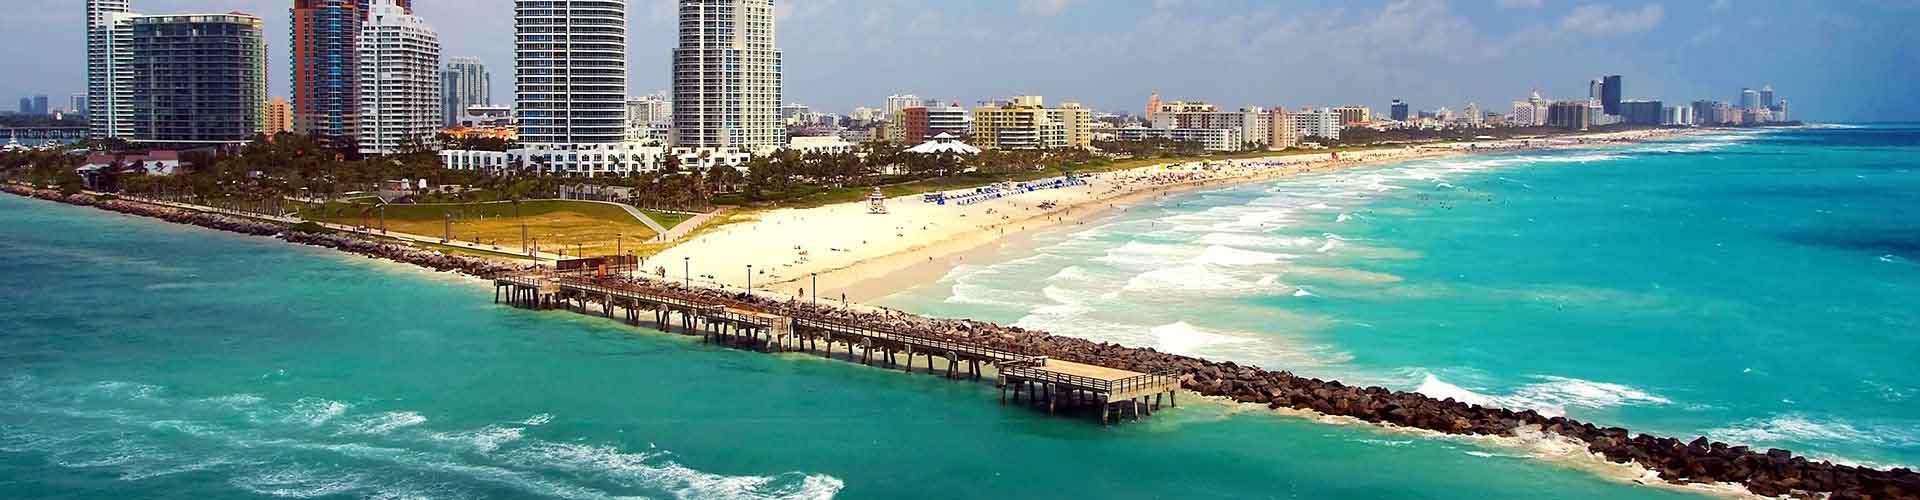 迈阿密 – 迈阿密的青年旅舍。迈阿密地图,迈阿密每间青年旅舍的照片和评价。